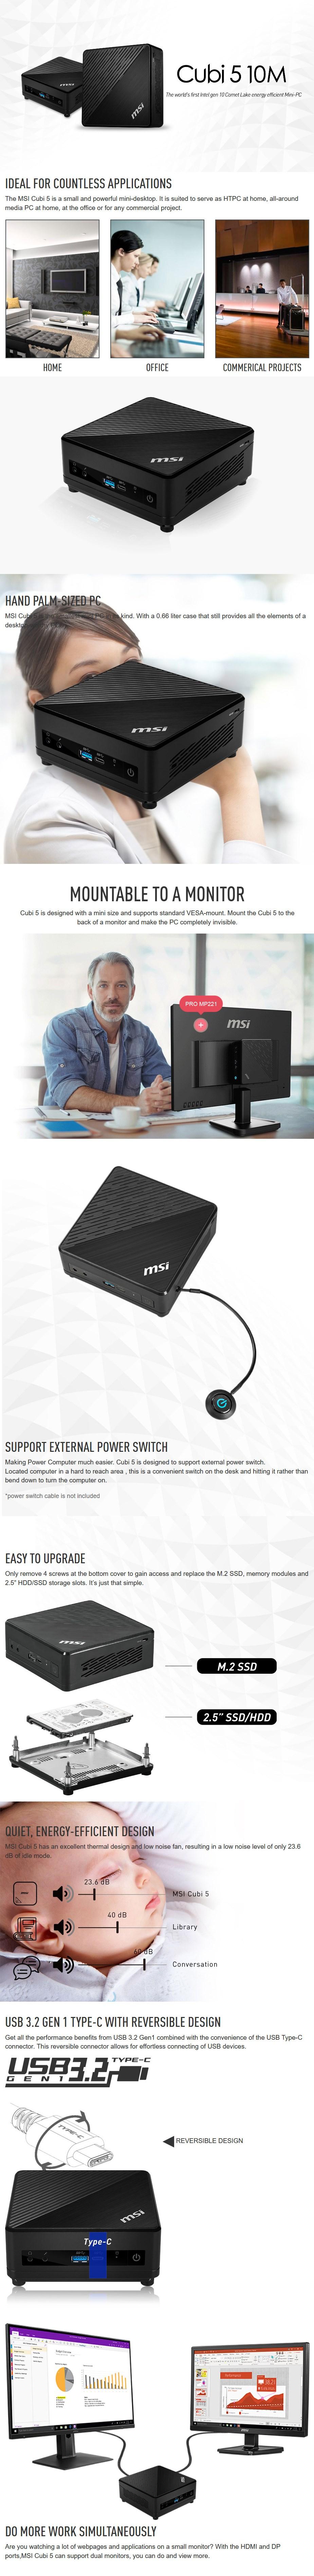 msi-cubi-5-10m037bau-barebone-minipc-intel-core-afi3-processor-ac36139-3-1-.jpg